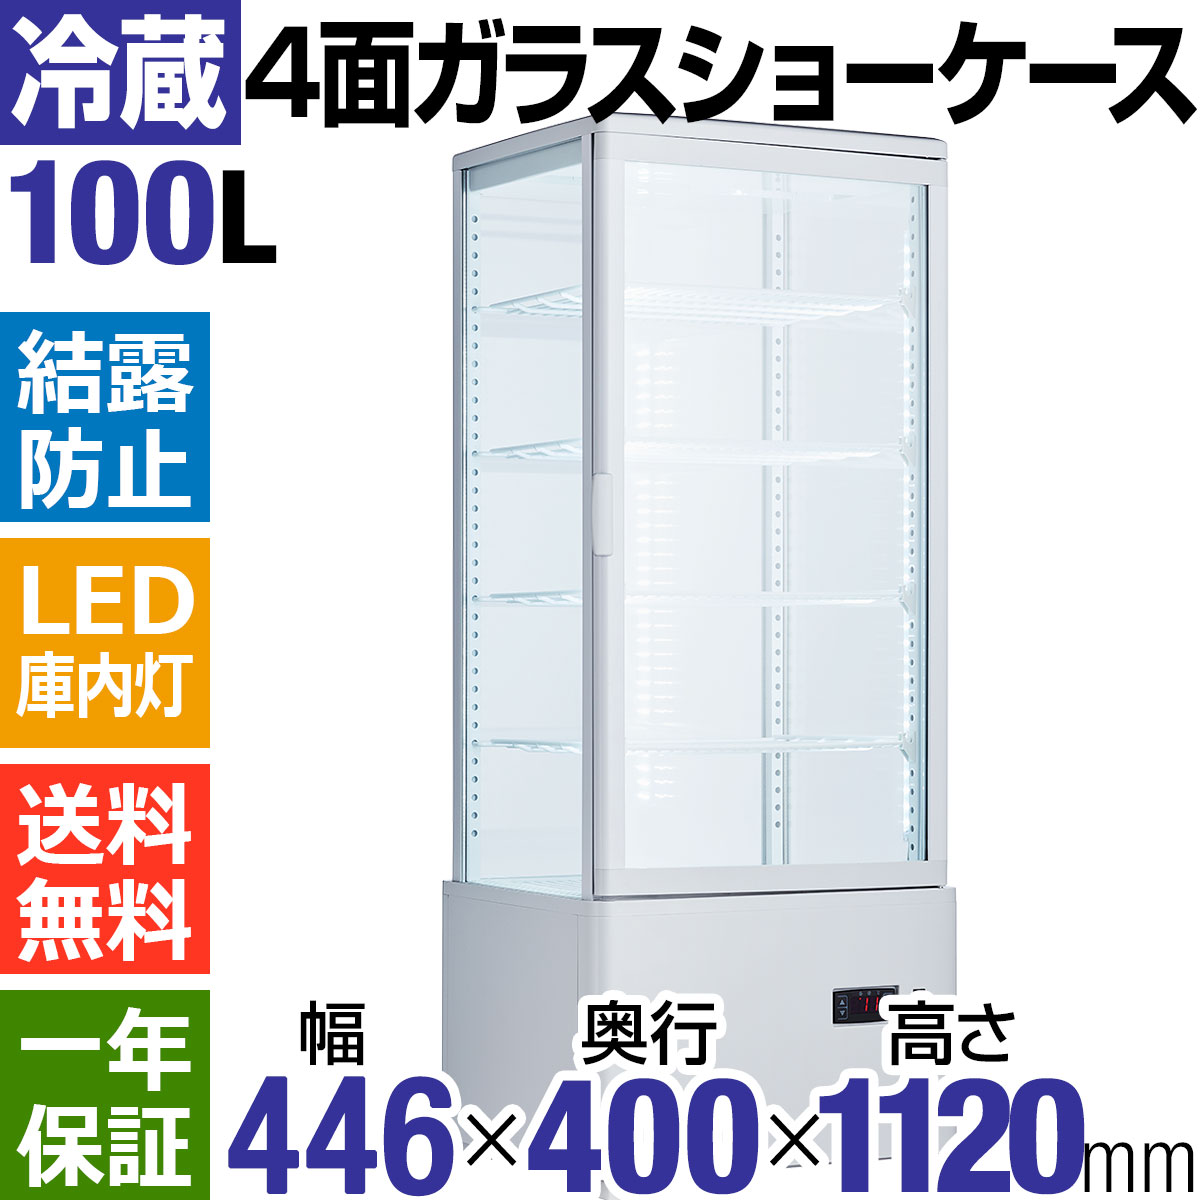 【営業日1~3日以内出荷】4面ガラス冷蔵ショーケース100L/ホワイト【HJR-FG100SWT】業務用冷蔵庫 冷蔵ショーケース 大型 送料無料 ショーケース